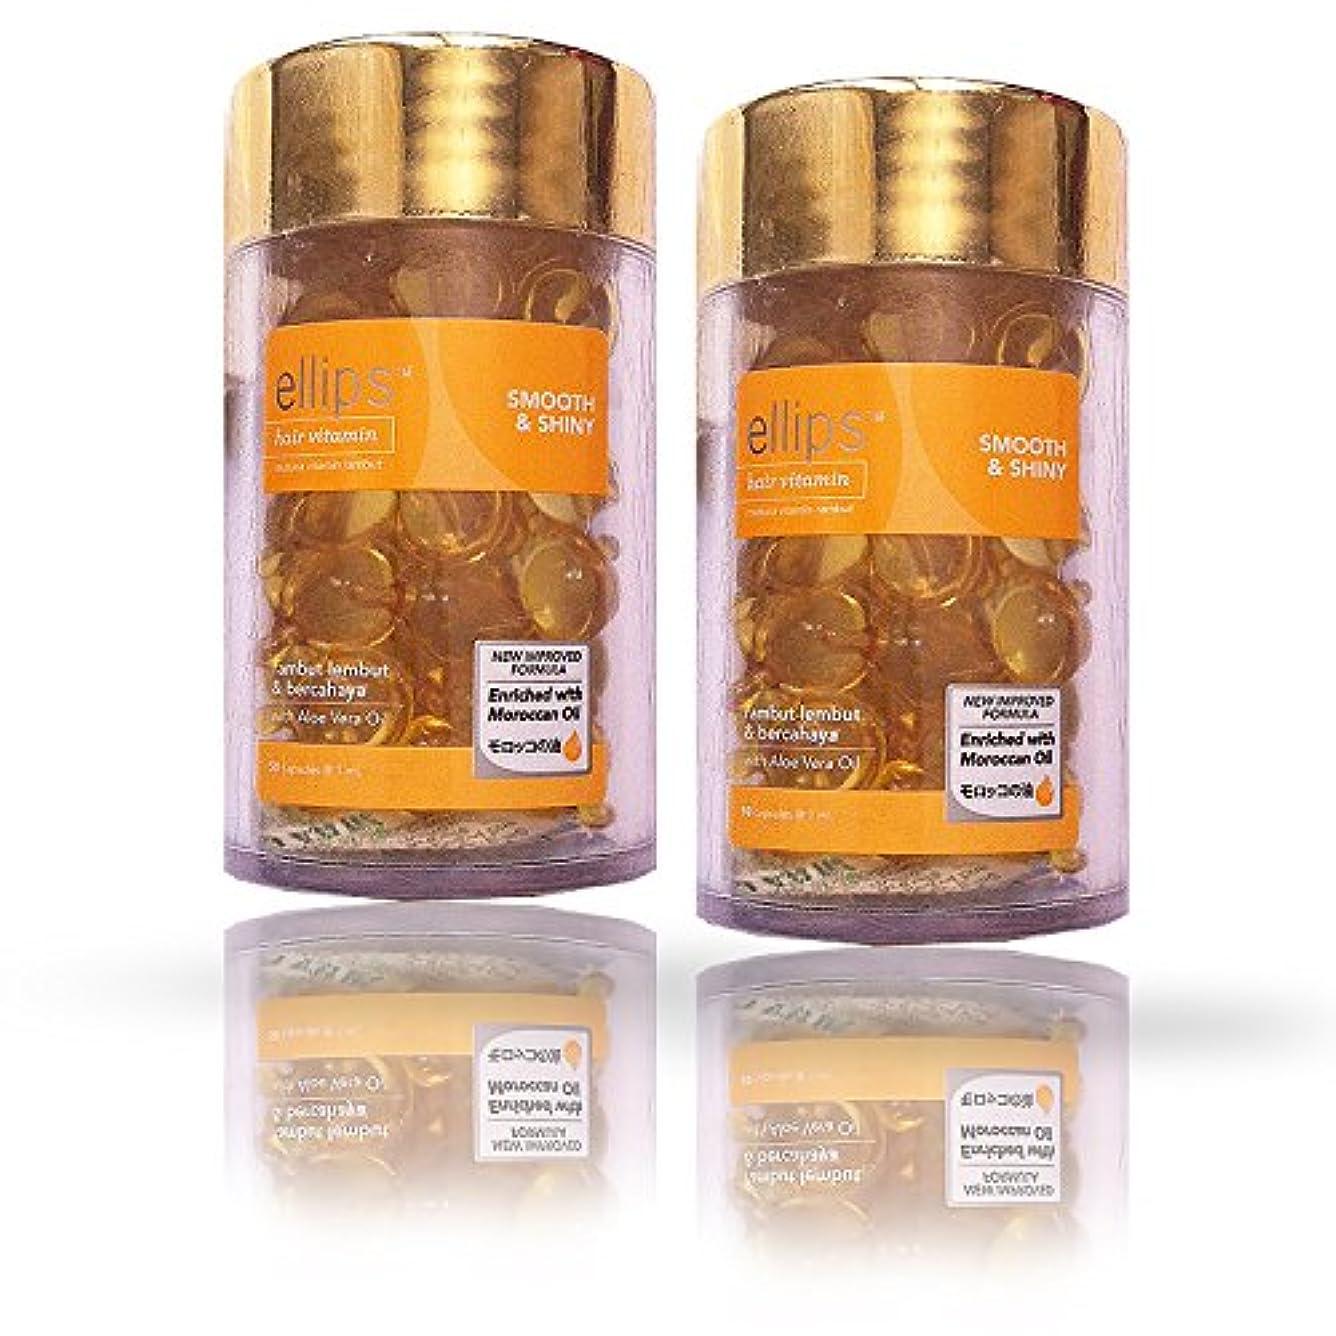 影響祖先不十分なエリップス(ellips)スムース&シャイニー(フレッシュ トロピカル フルーツの香り) ボトル50粒×2個